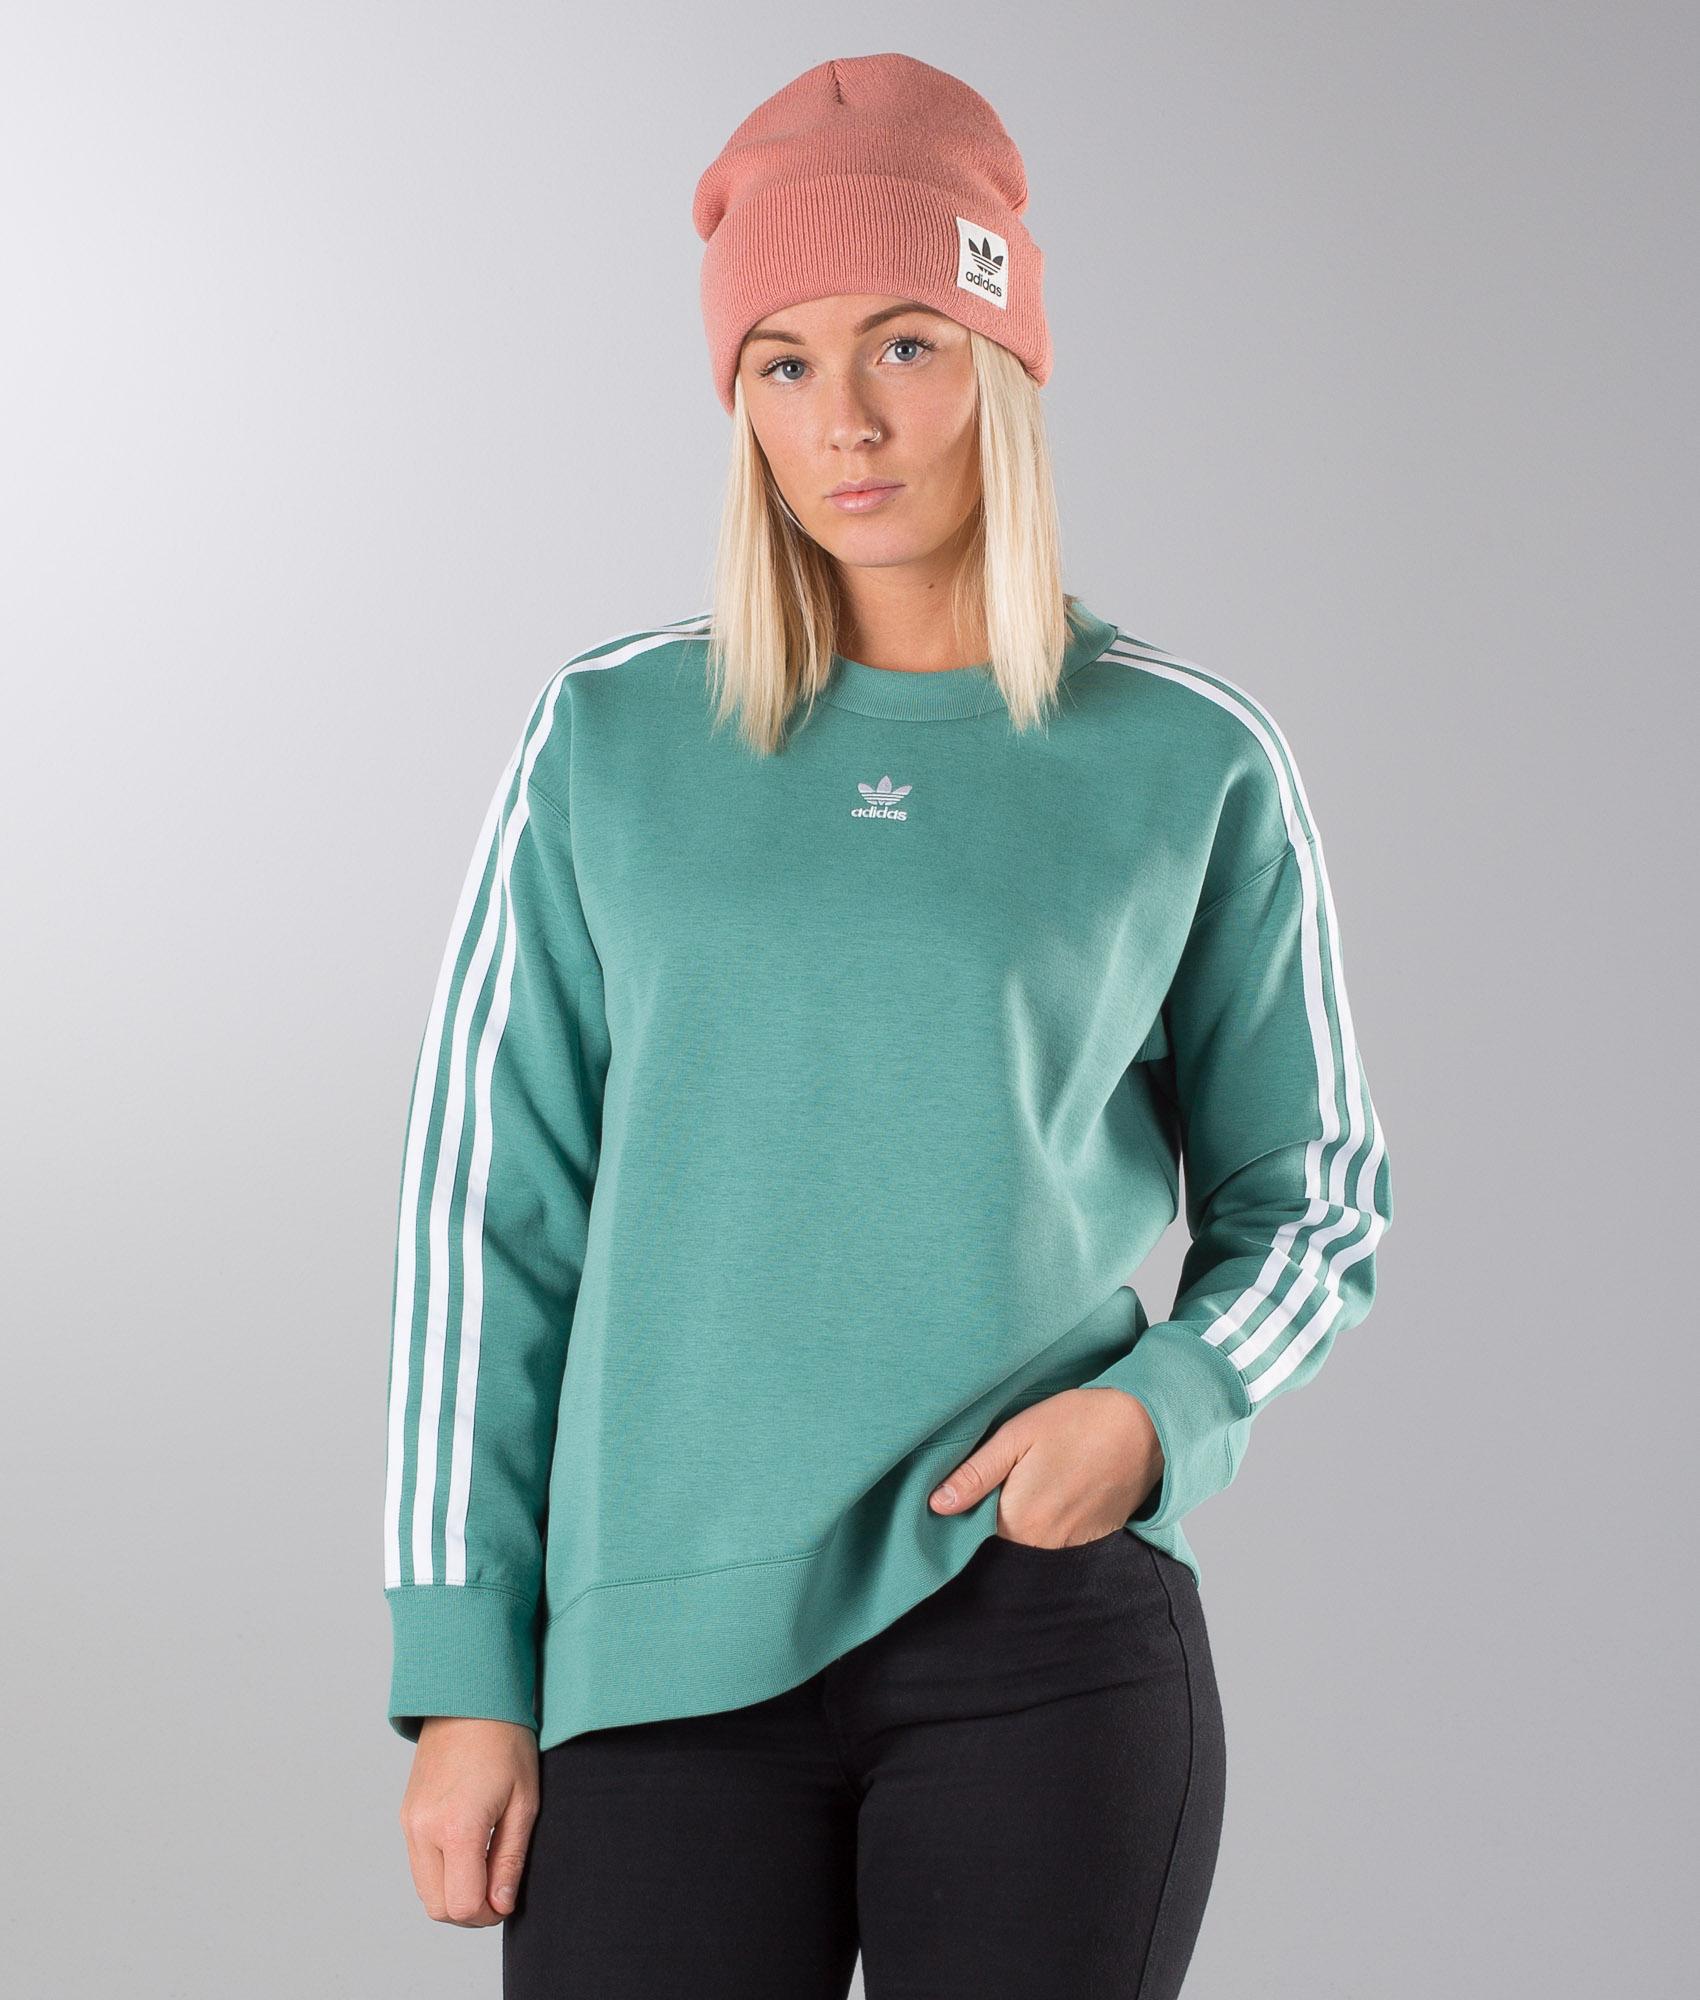 Adidas Originals Crew Sweater Future Hydro